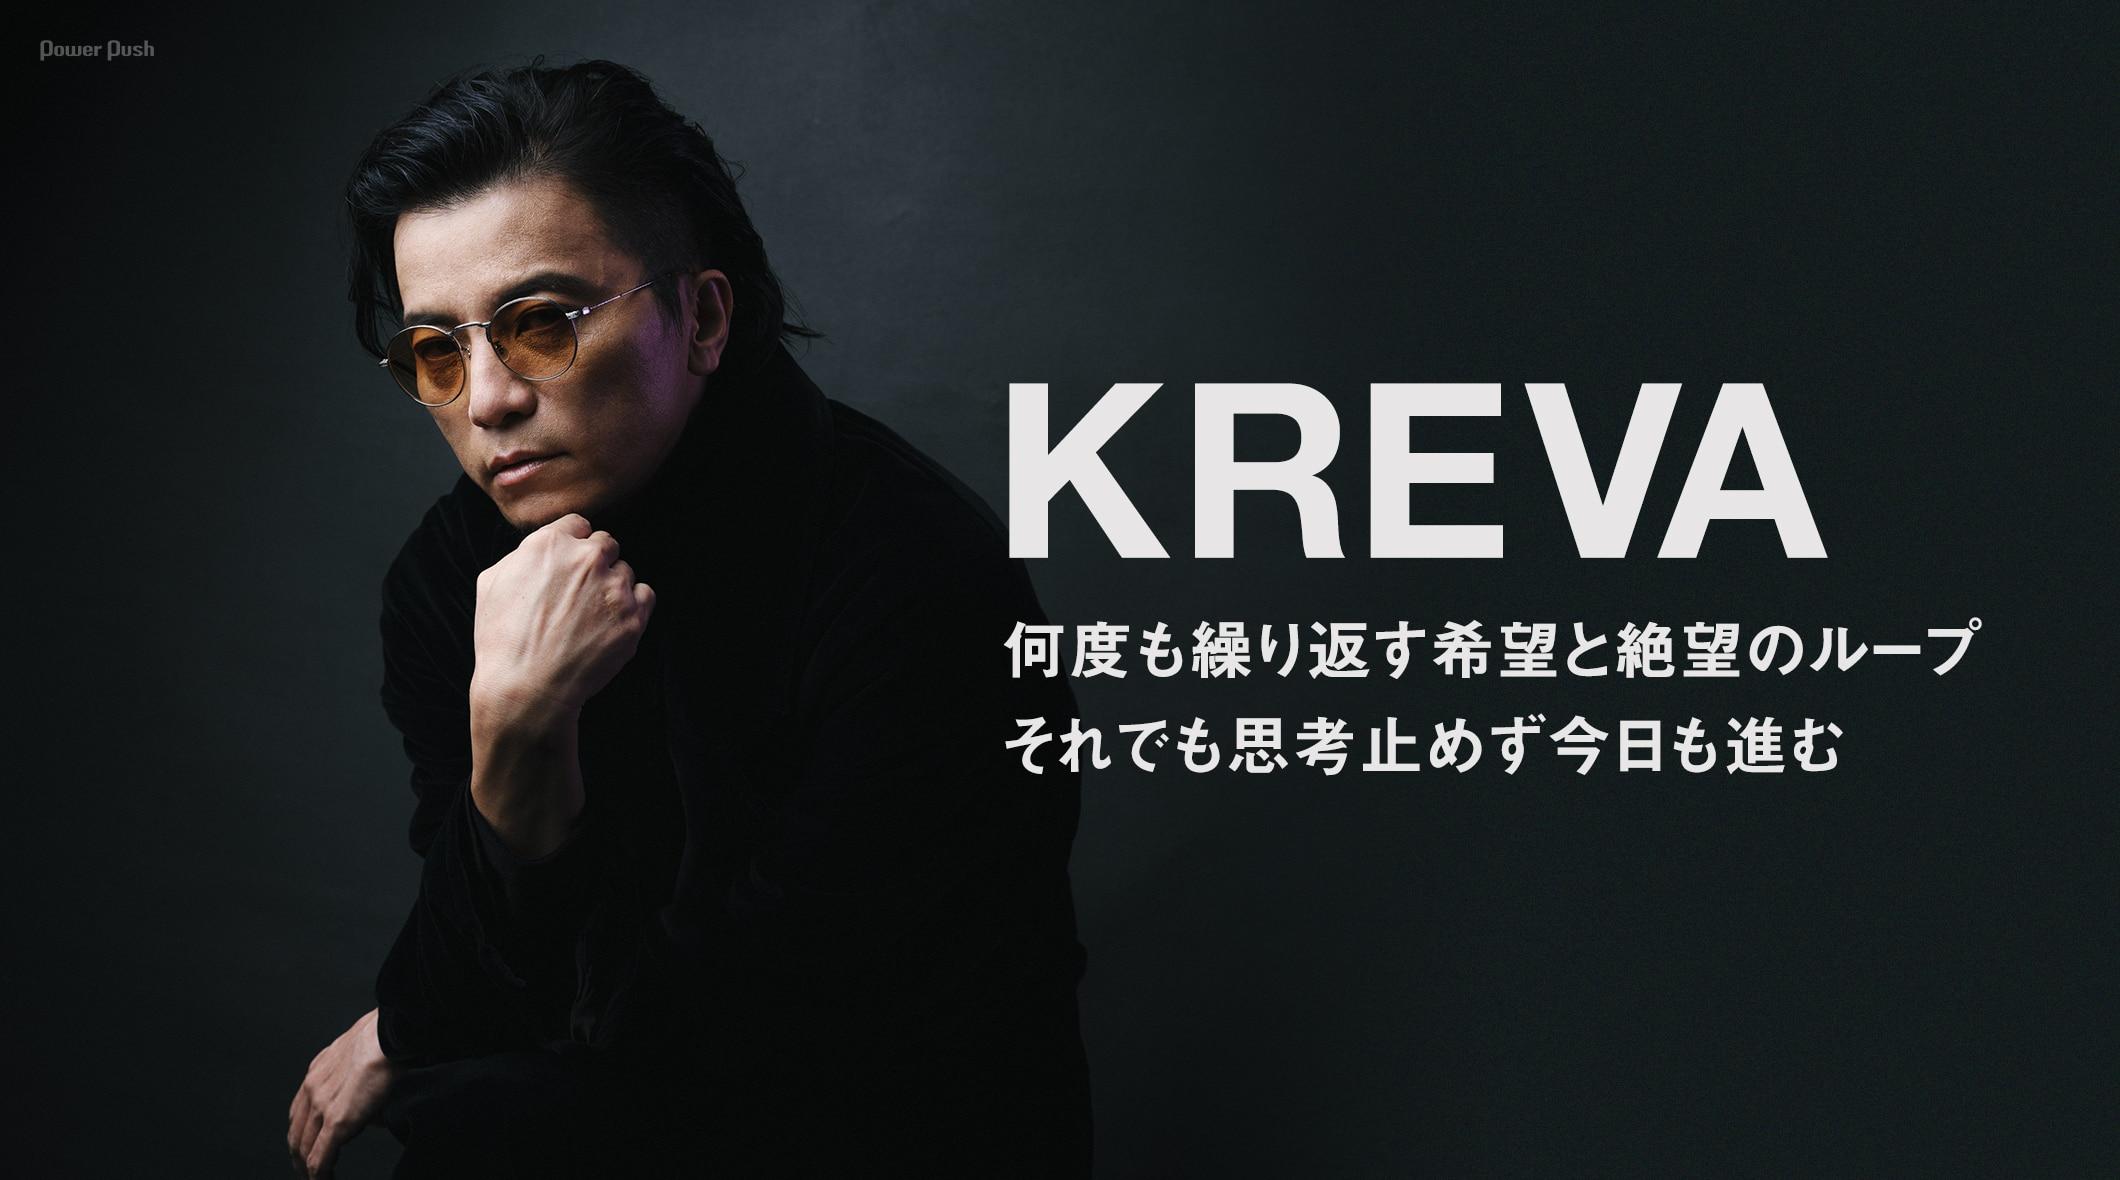 KREVA|何度も繰り返す希望と絶望のループ それでも思考止めず今日も進む